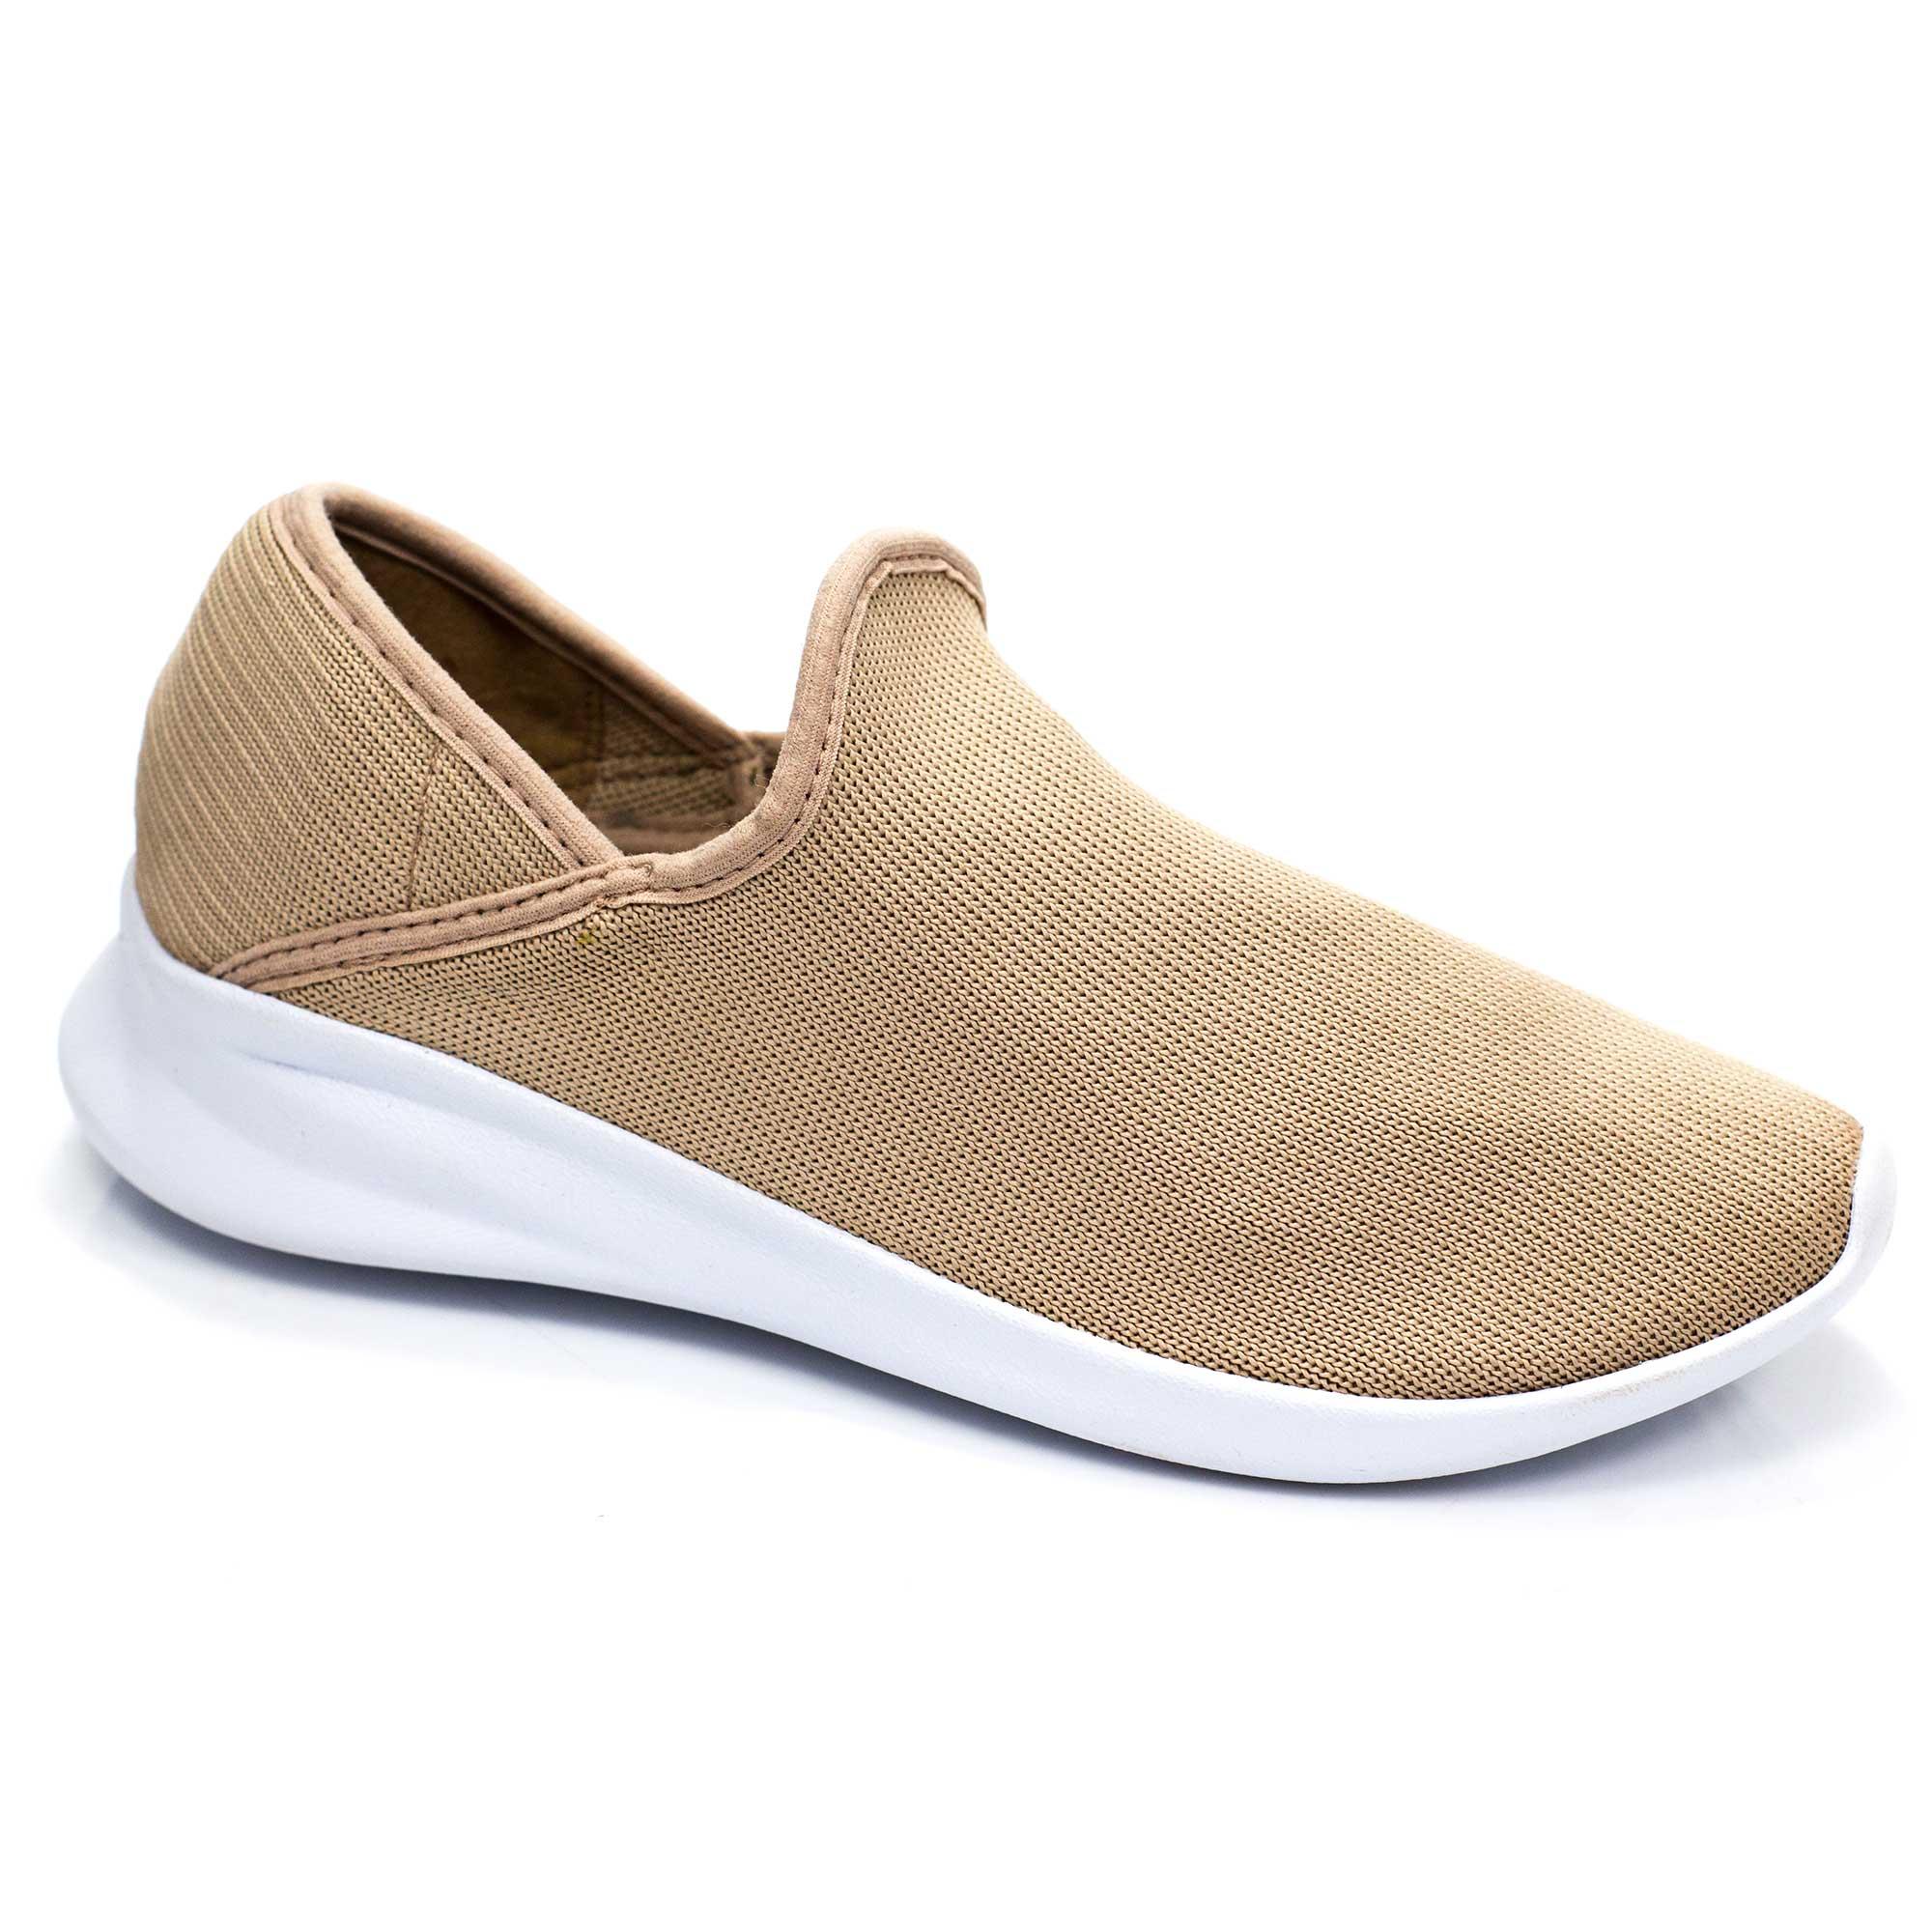 8311db96b6 ZPZ Shoes - Calçados retrô confortáveis e colecionáveis Tênis ...